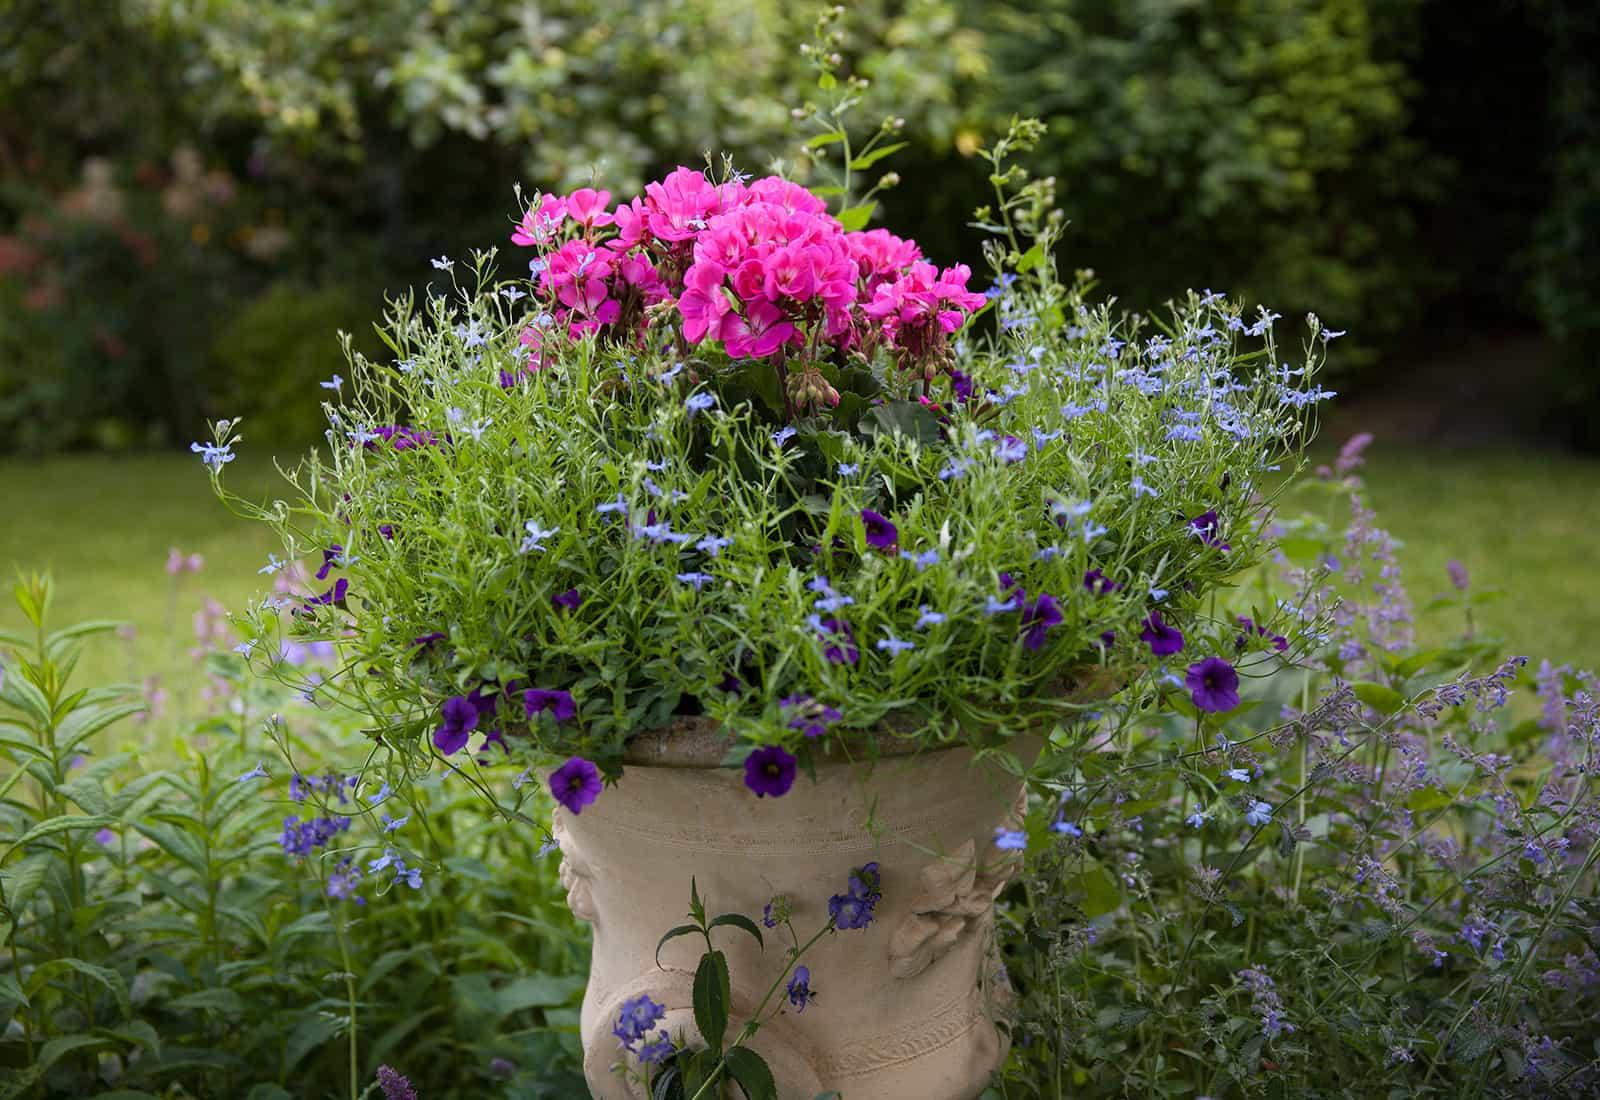 Another garden in Spaldwick